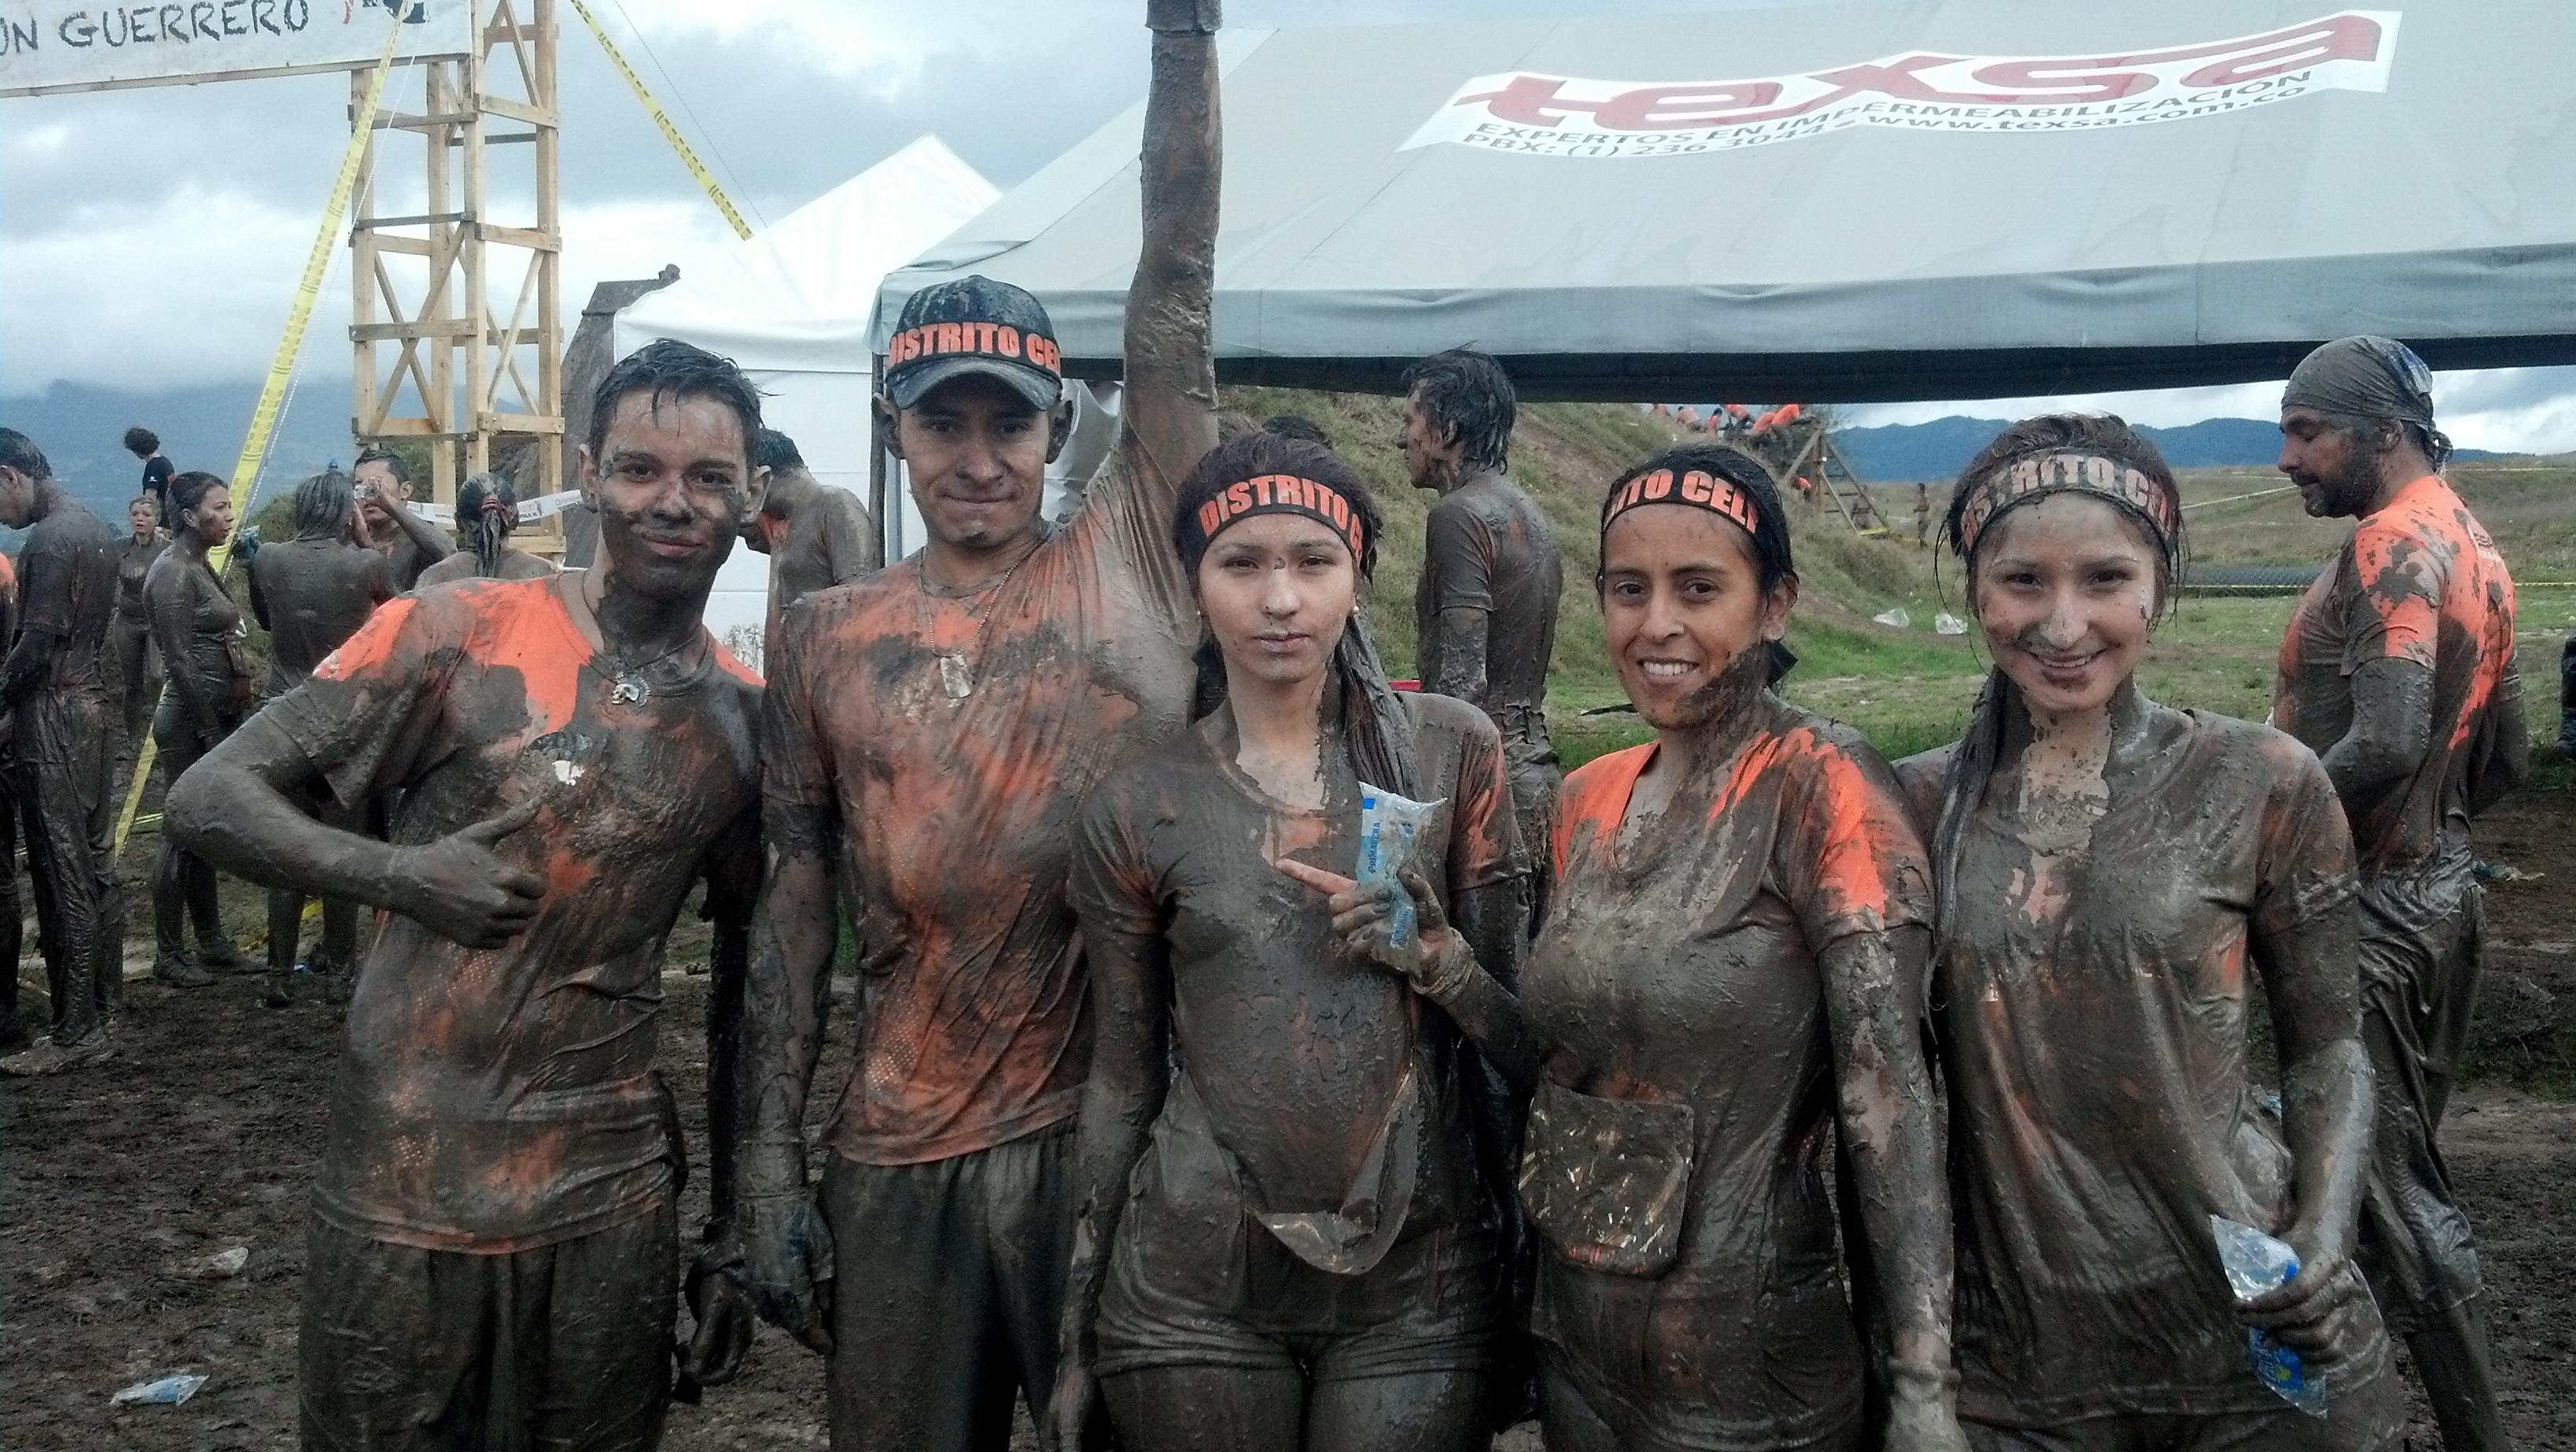 Participantes en una de las ediciones anteriores del desafío «guerreros».